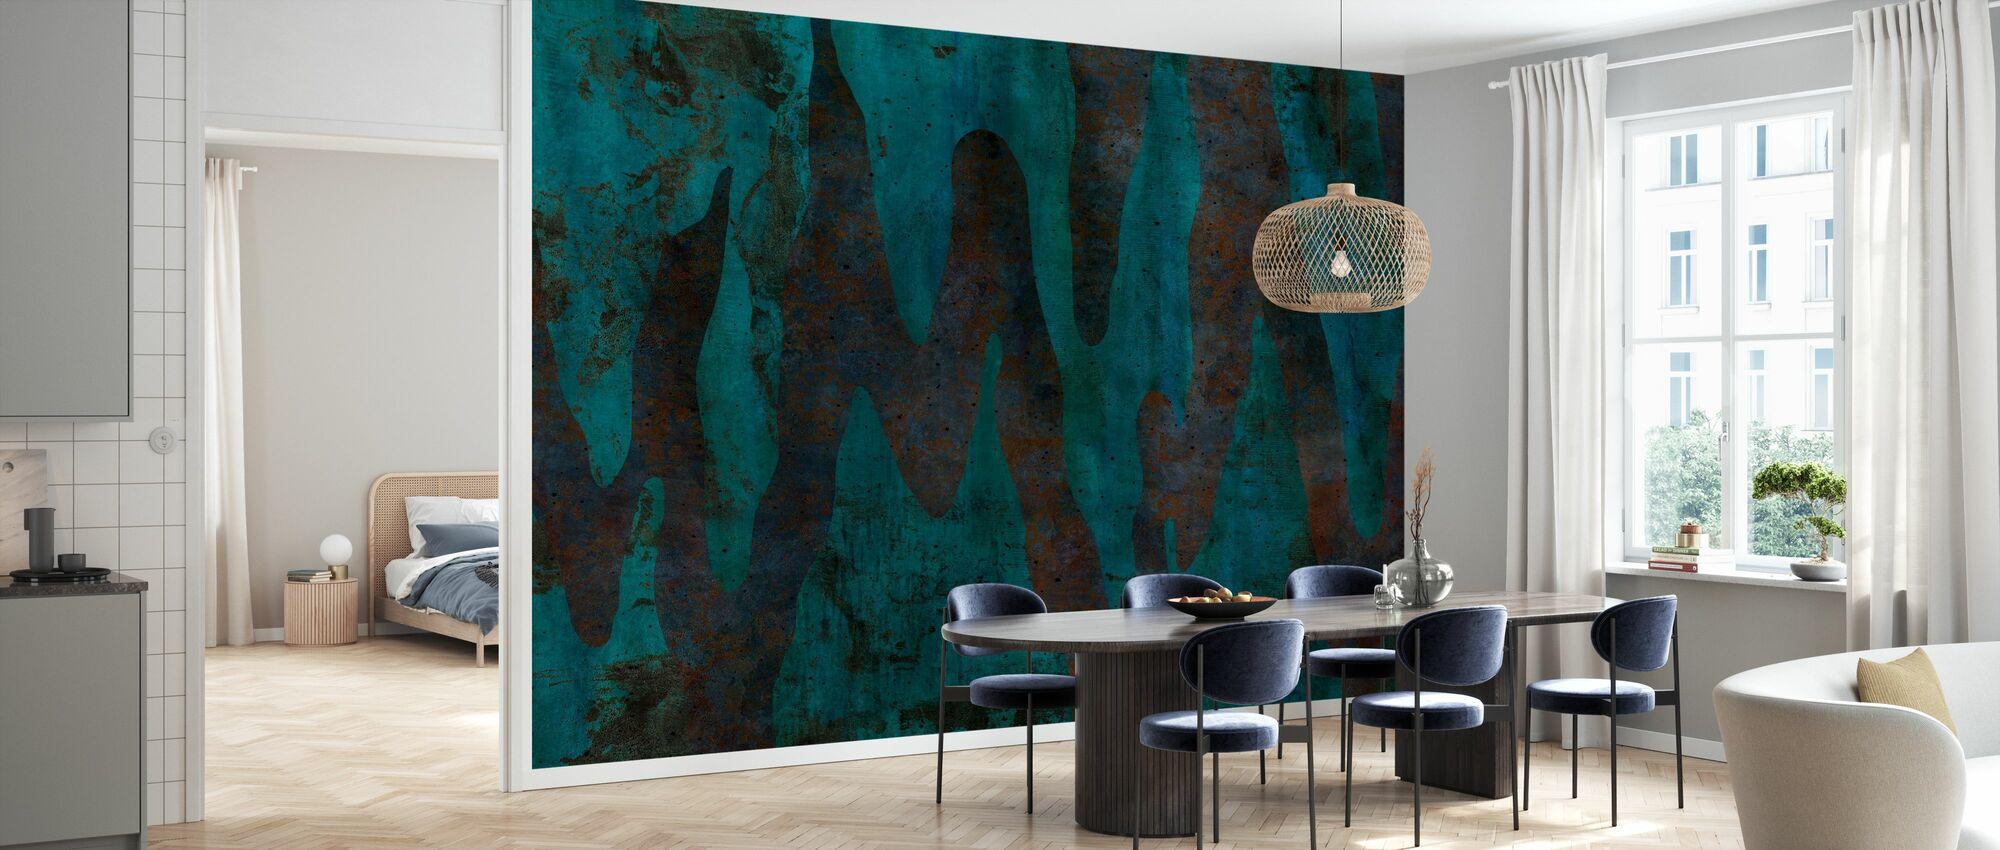 Aracio - V - Wallpaper - Kitchen